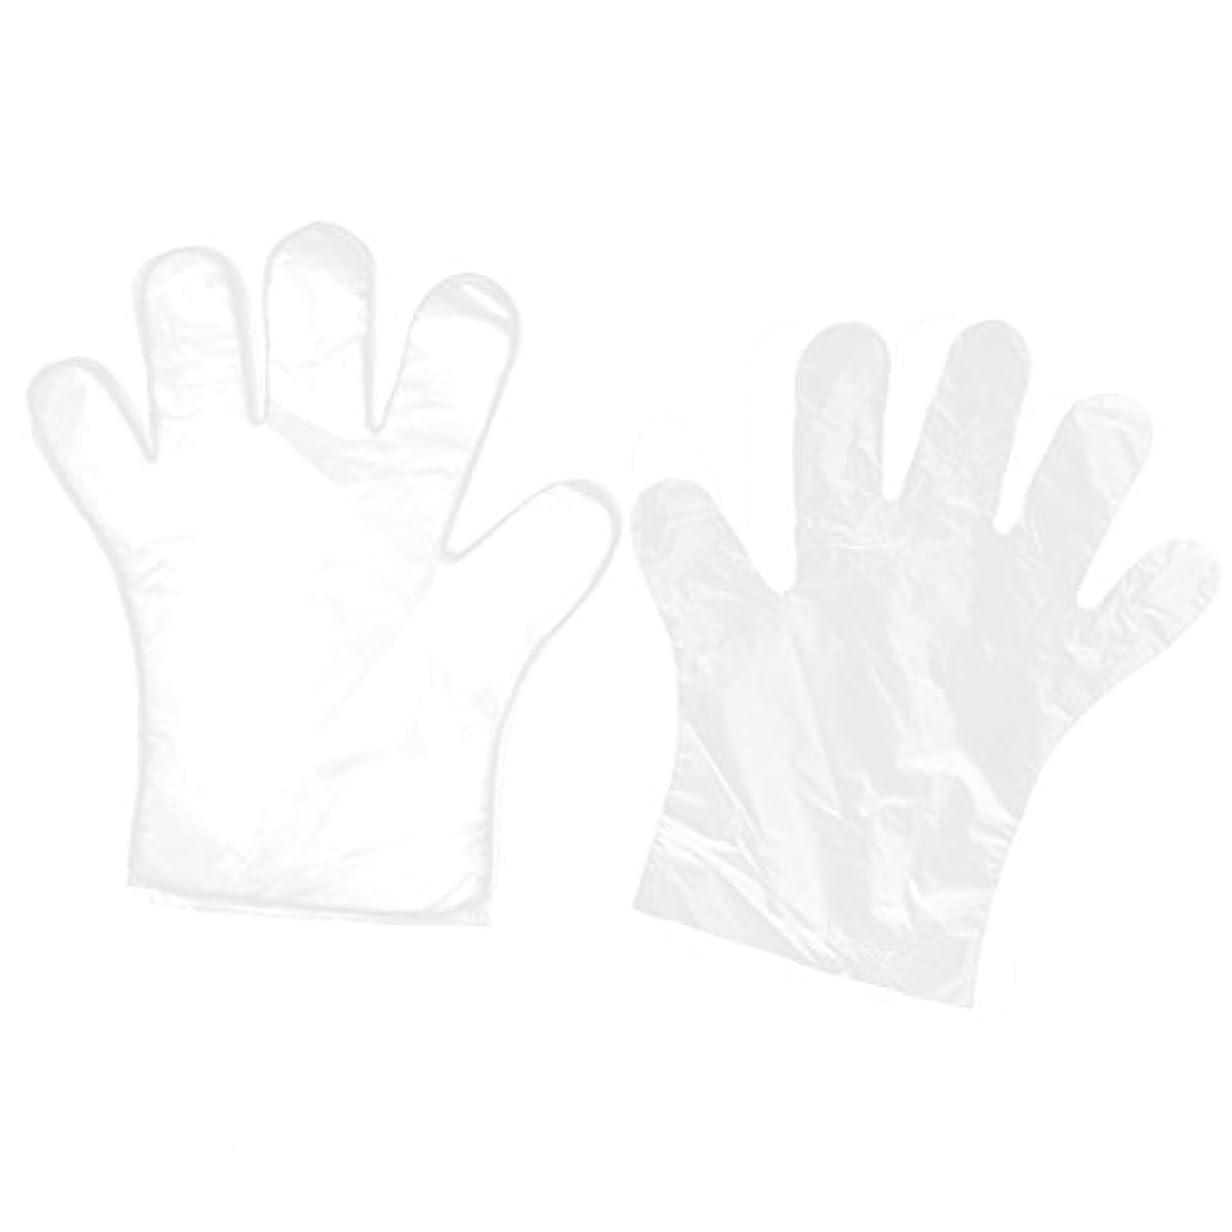 蒸呪われた整理するuxcell 使い捨て手袋 家キッチン レストラン の食べ物サービス ハンド用 透明 100個入り